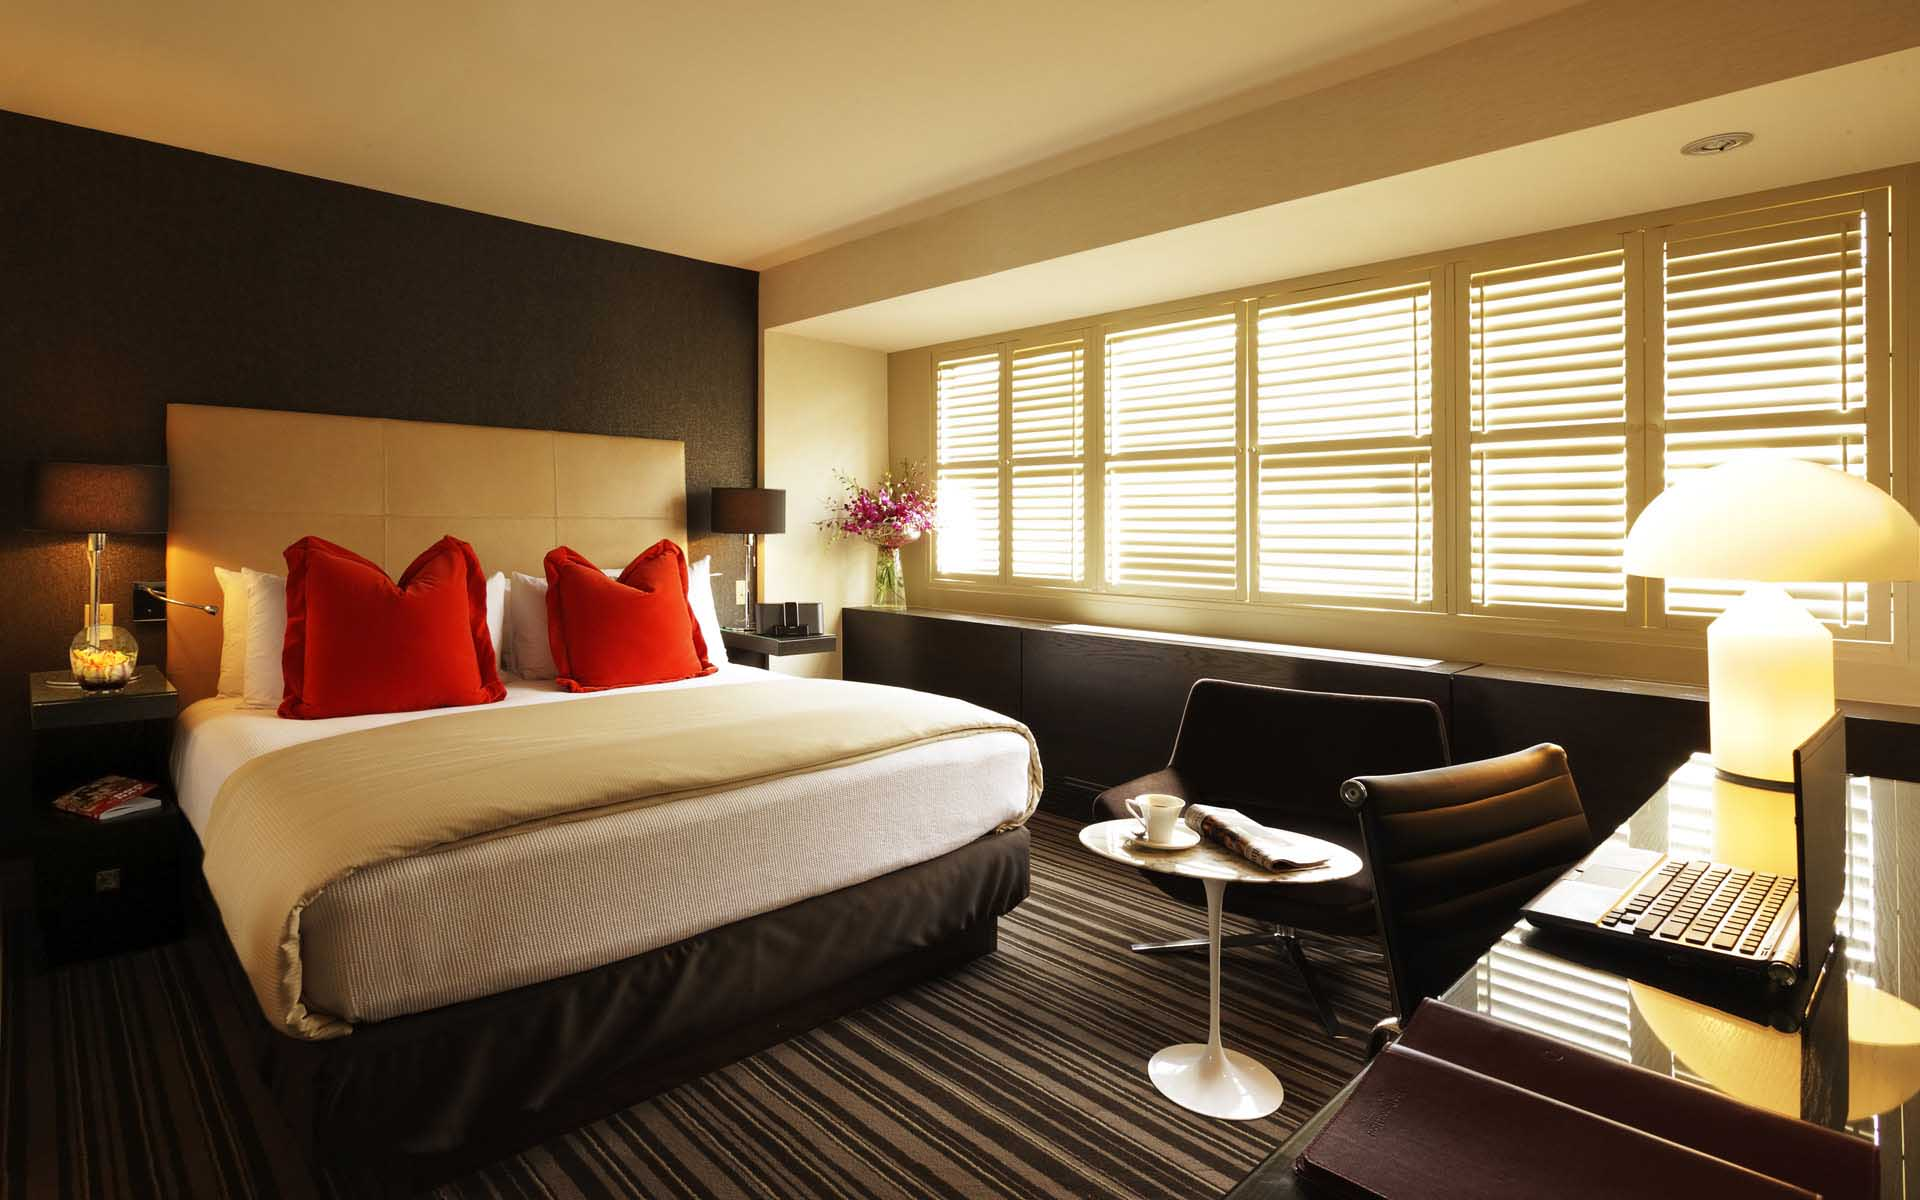 Черно-бежевый дизайн спальни